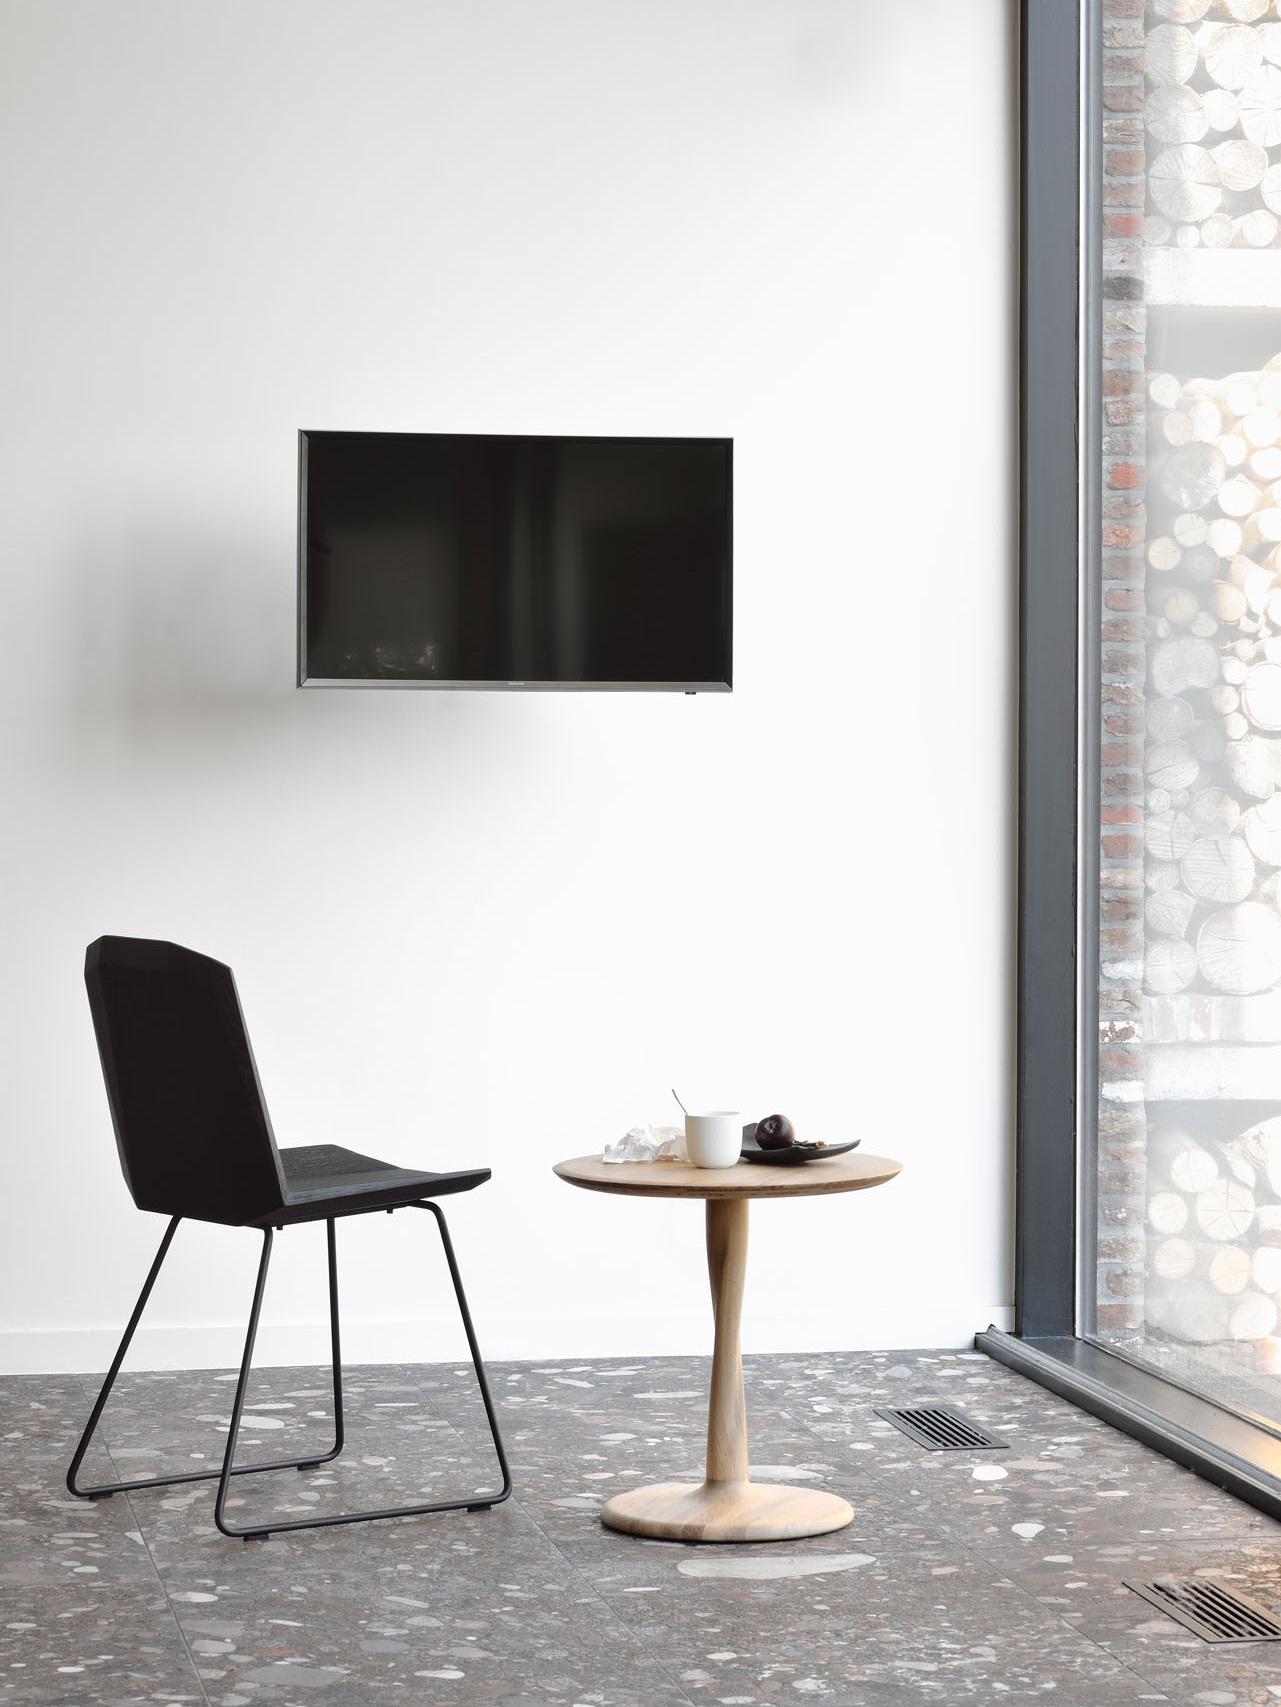 50662-oak-black-Facette-chair-50020-oak-Torsion-side-table-1.jpg